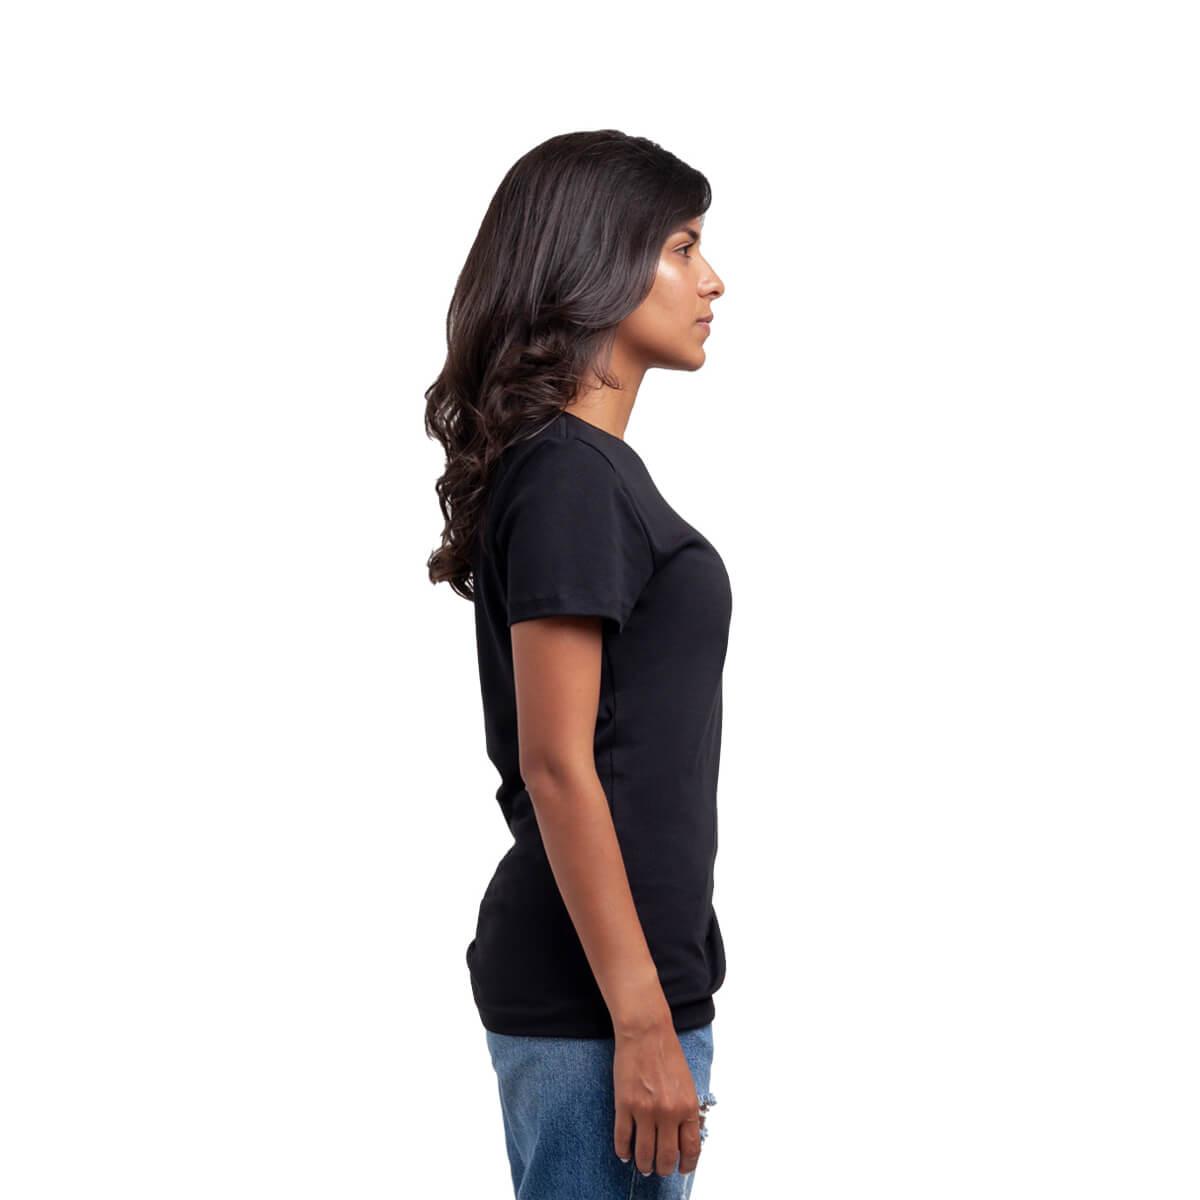 Franela esencial cuello redondo negra dama lado